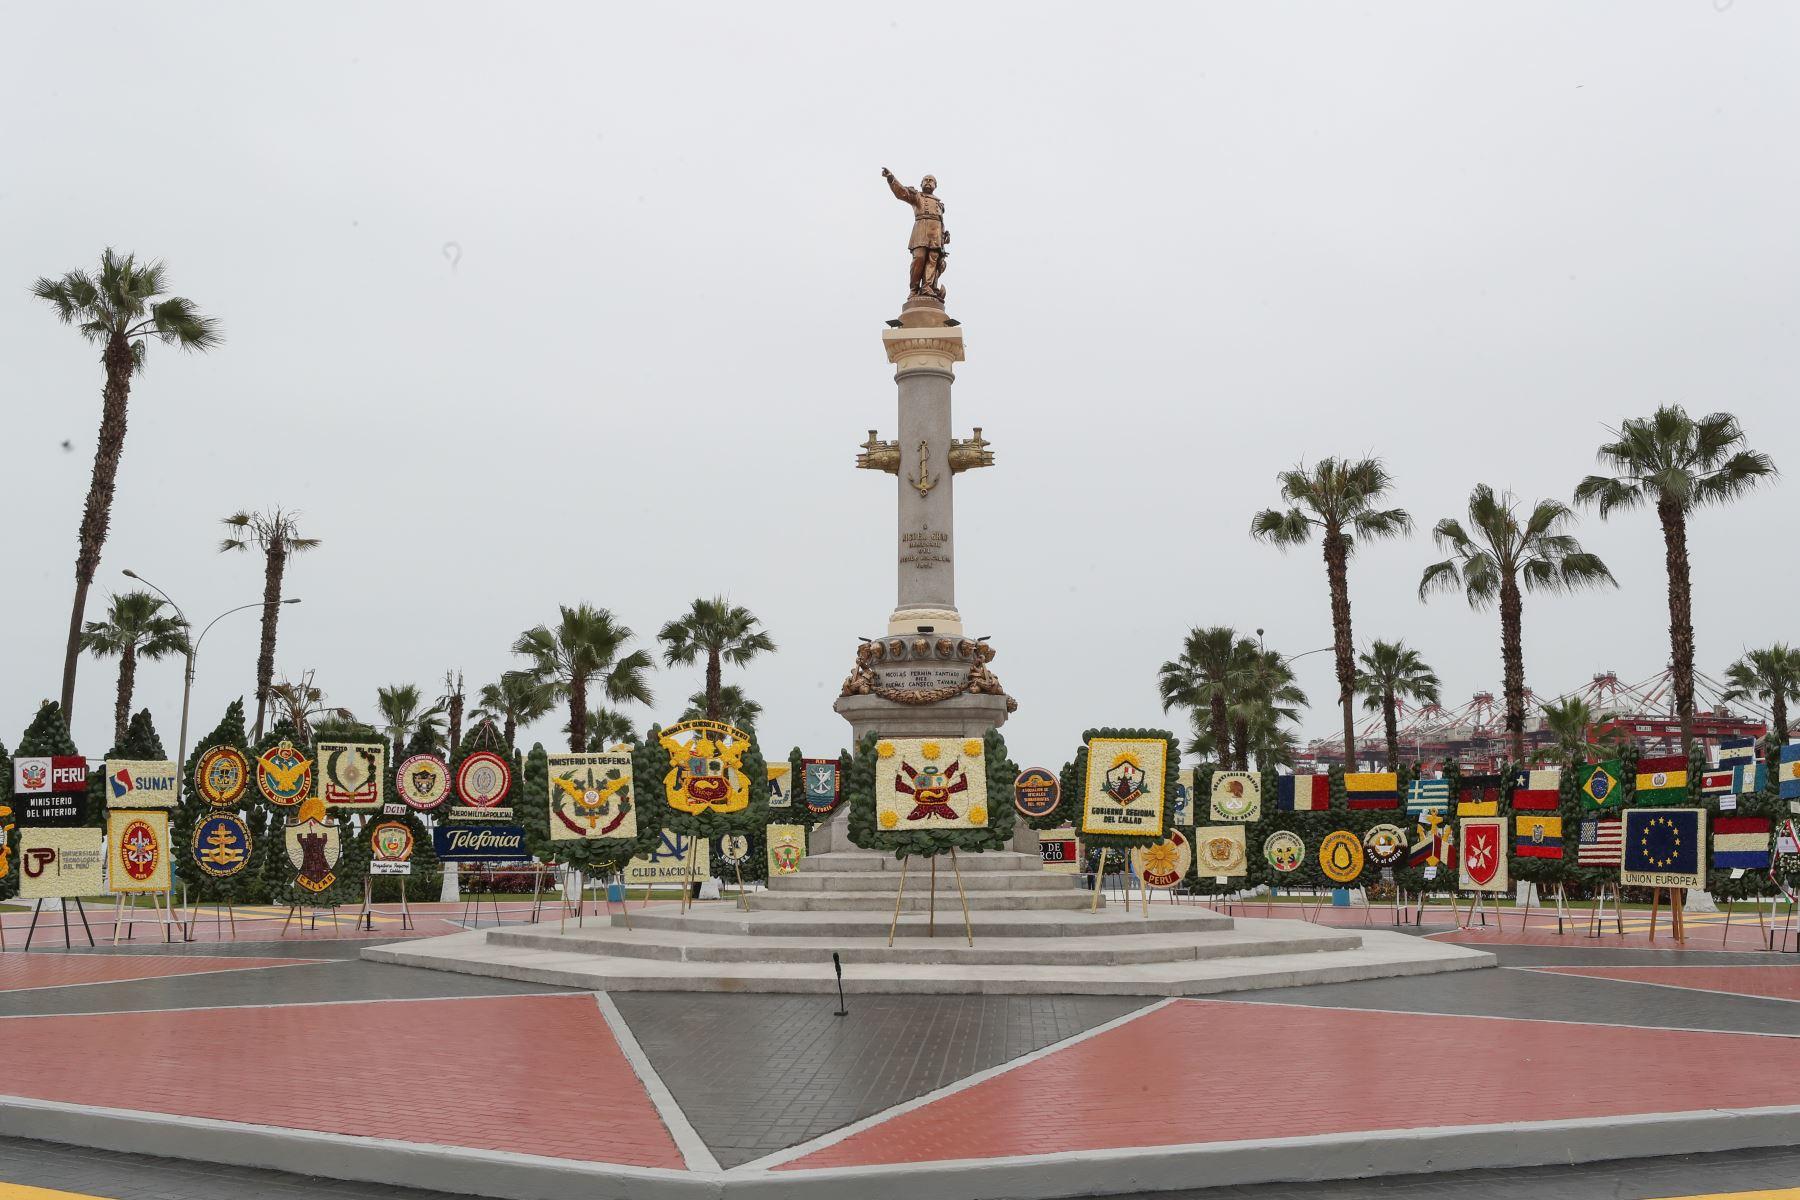 El Presidente Martin Vizcarra participa en  la ceremonia de conmemoración 198º del Combate de Angamos y el aniversario de la Marina de Guerra del Perú, en el ovalo Grau del Callao.Foto:ANDINA/Mindef